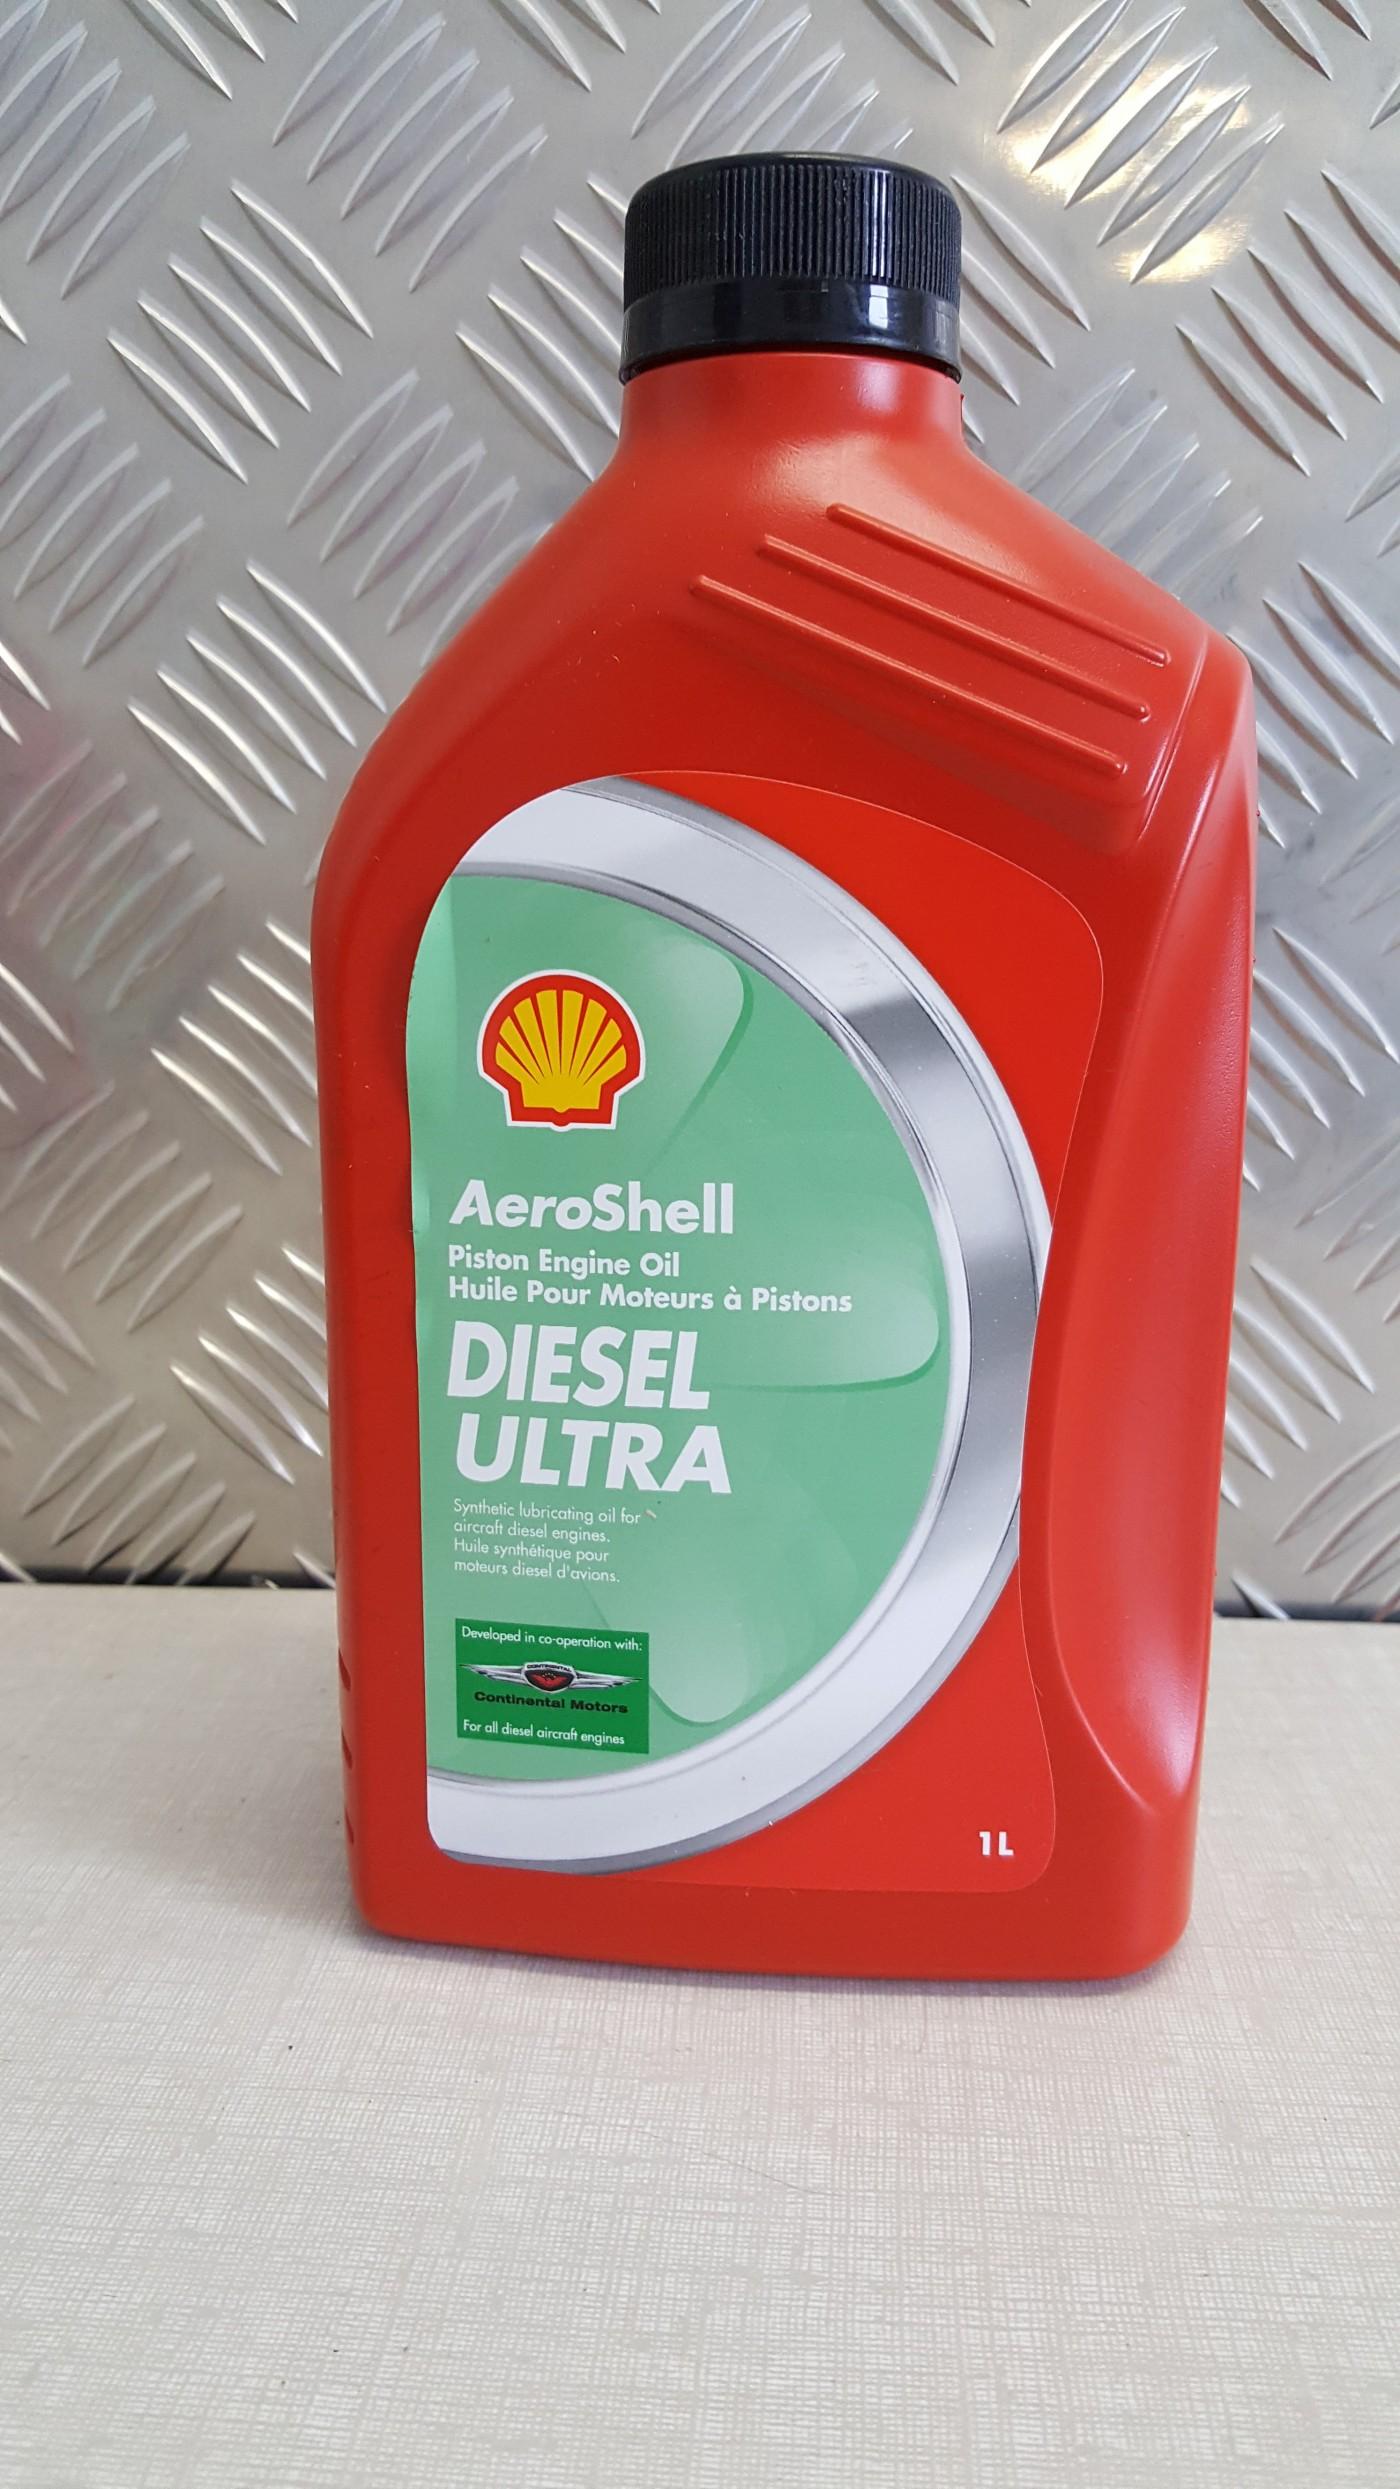 Aeroshell Diesel Ultra 1